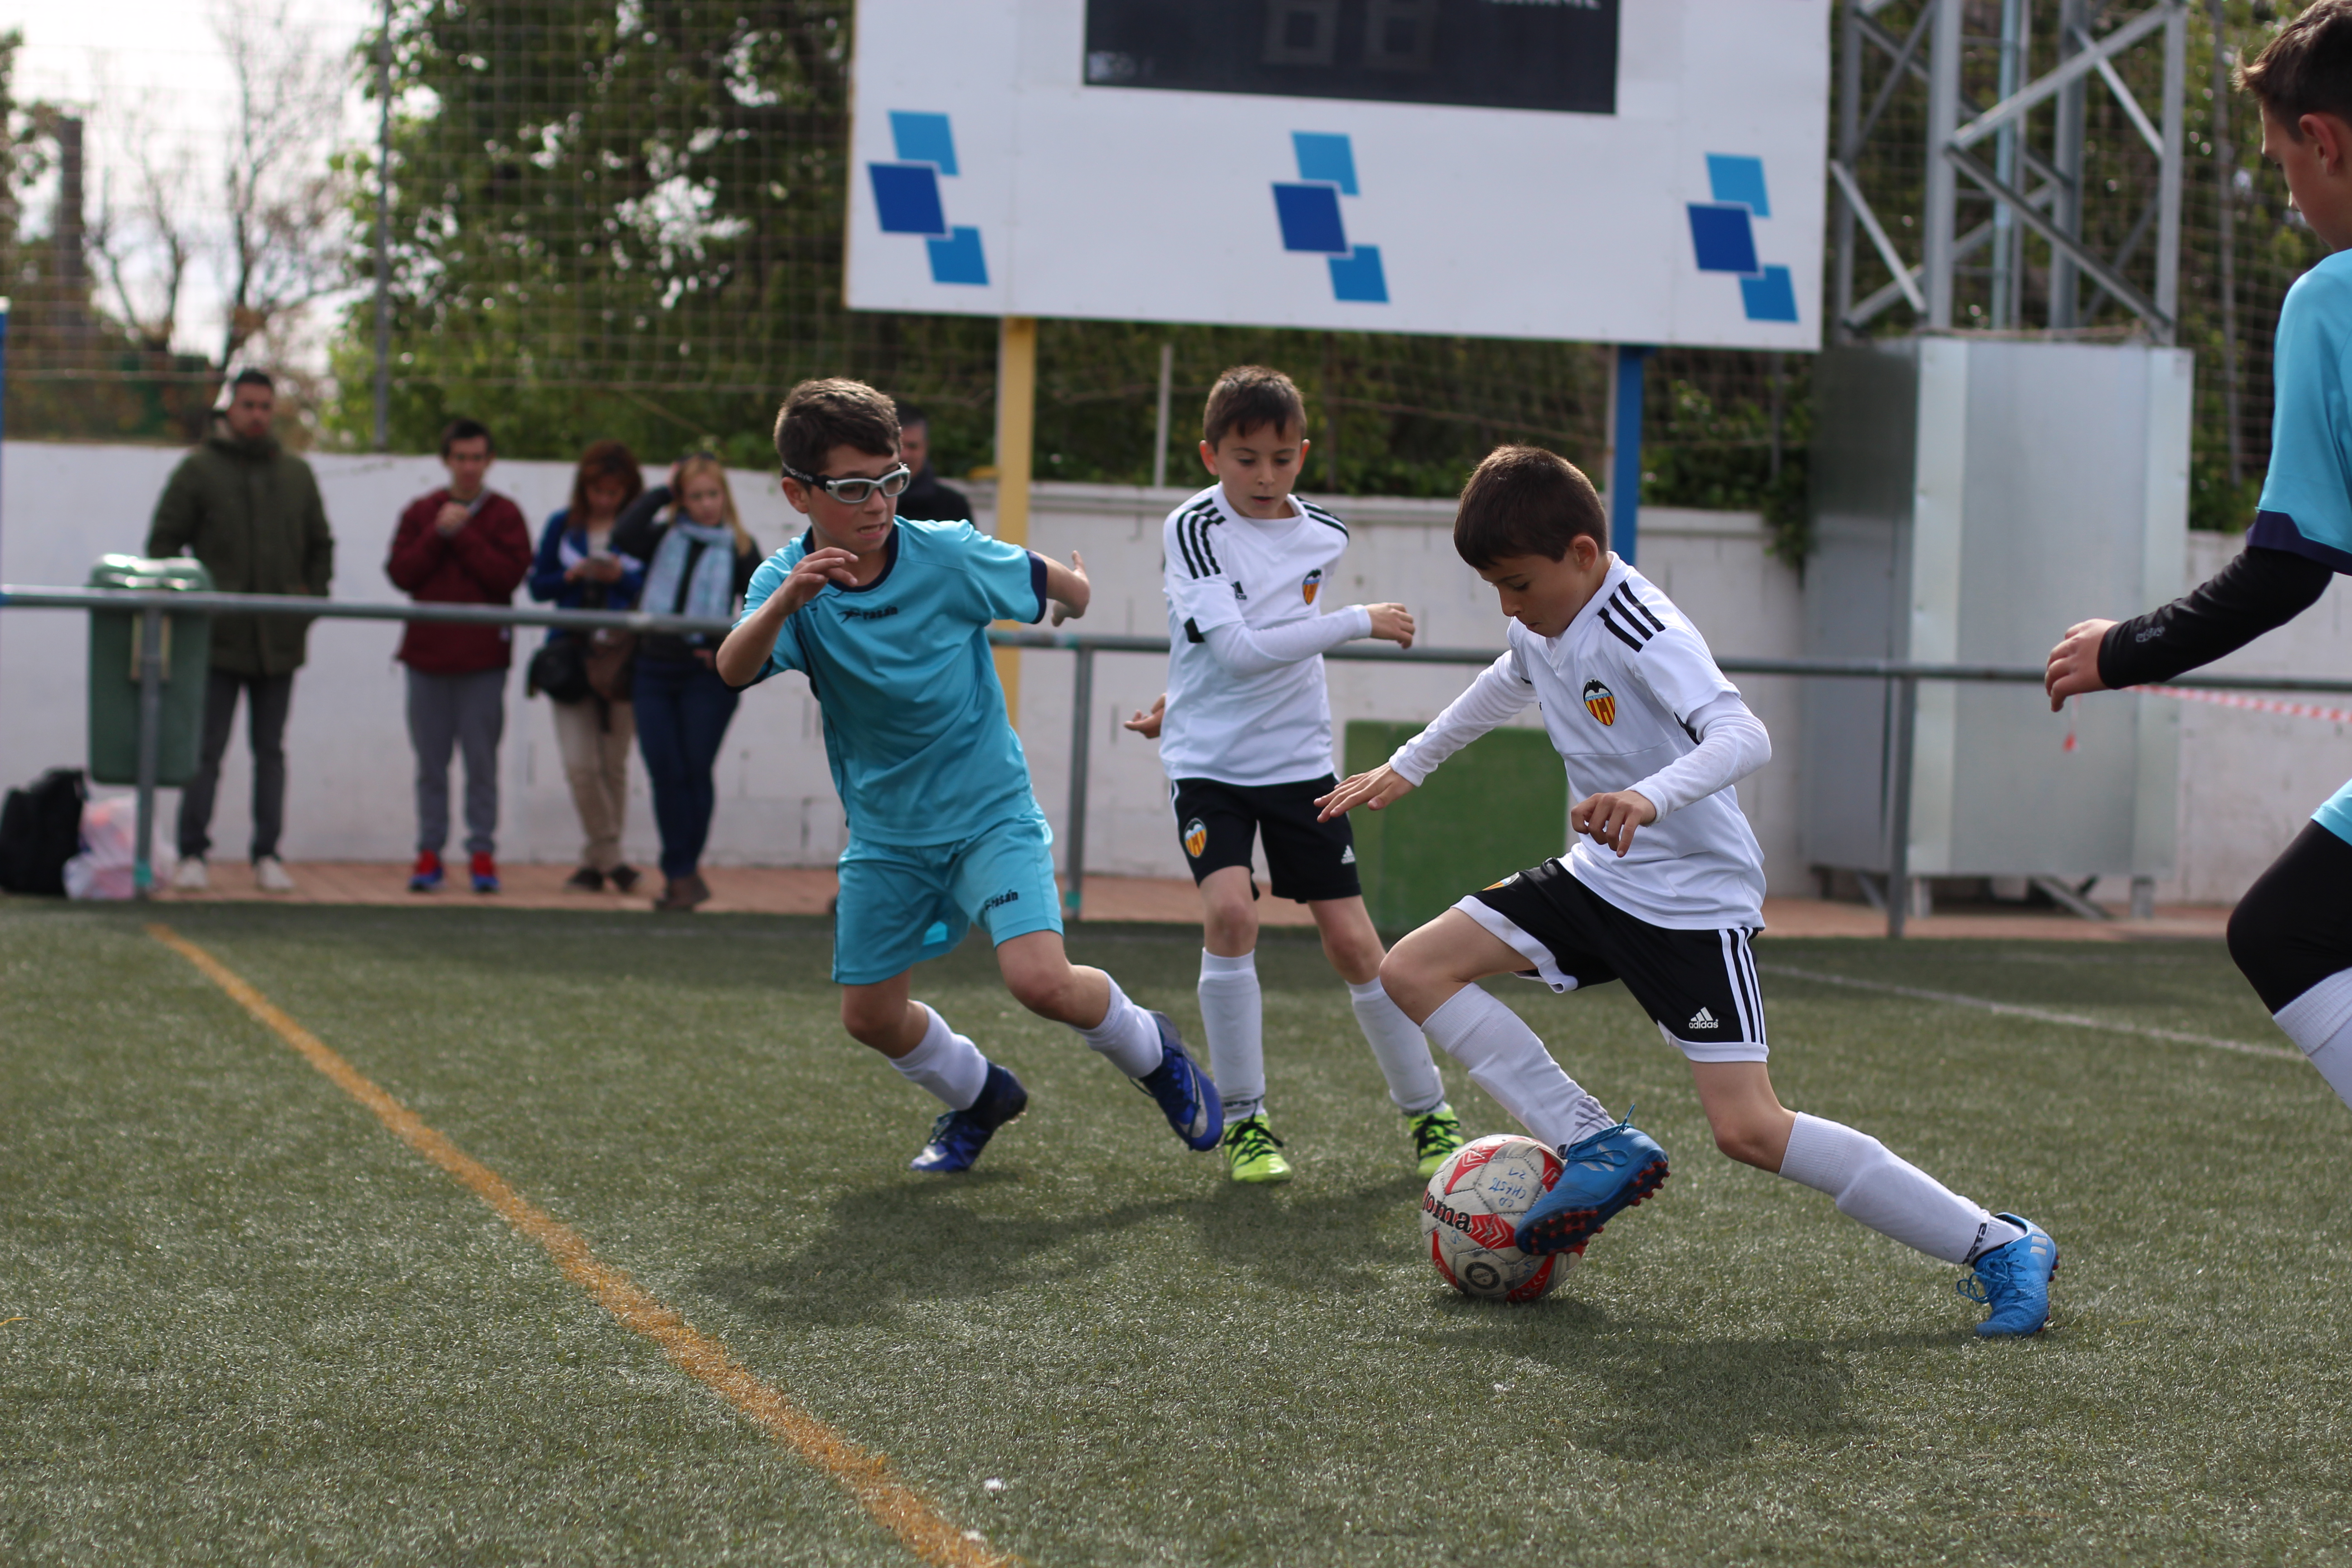 El campeonato se jugó en la modalidad de 3 x 3, en equipos mixtos formados por niñas y niños.